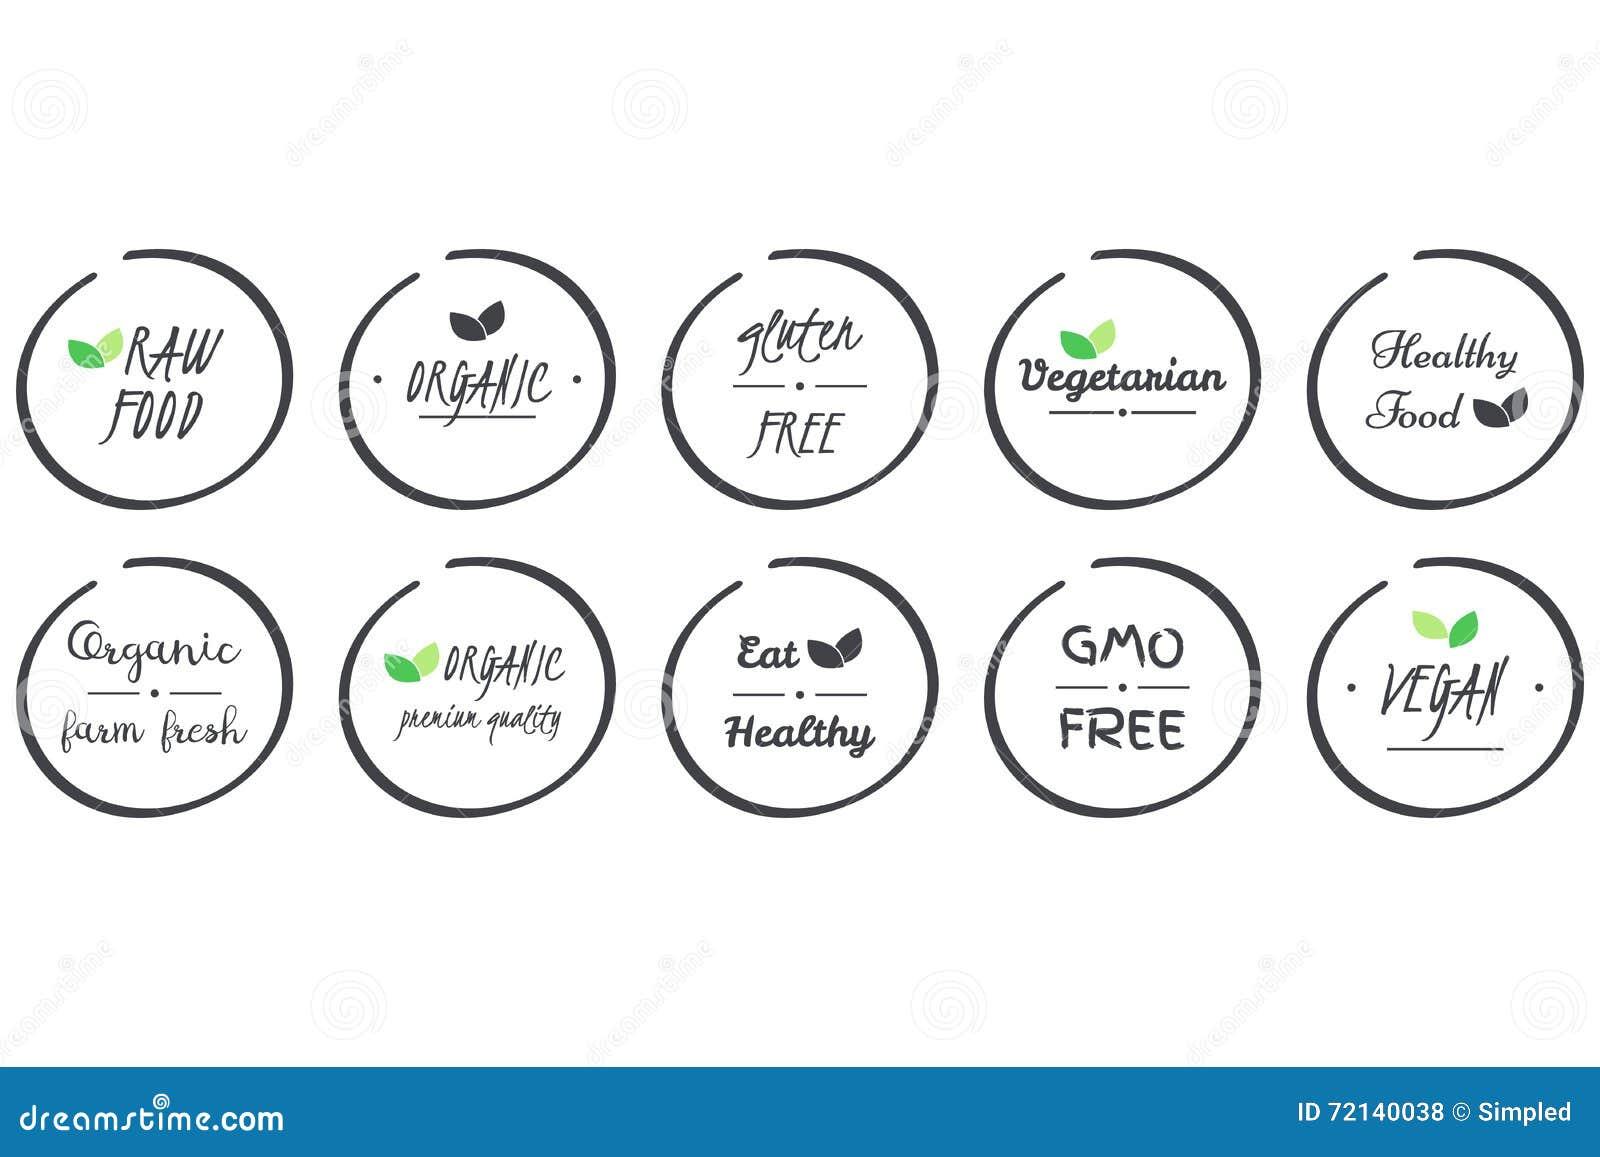 Vektorsatz von icvector Satz Ikonen von organischem, gesund, strenger Vegetarier, Vegetarier, roh, GMO, Gluten-freies Lebensmitte